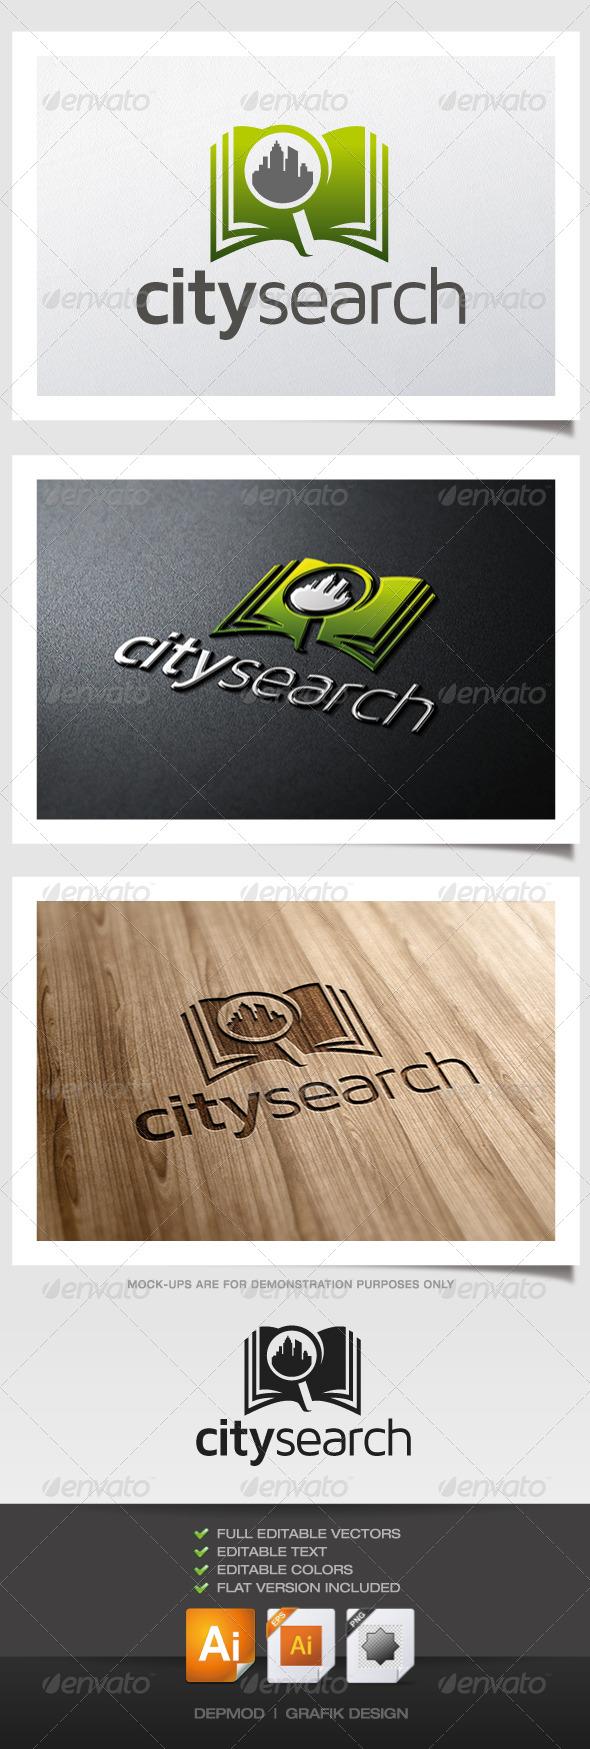 GraphicRiver City Search Logo 5322434